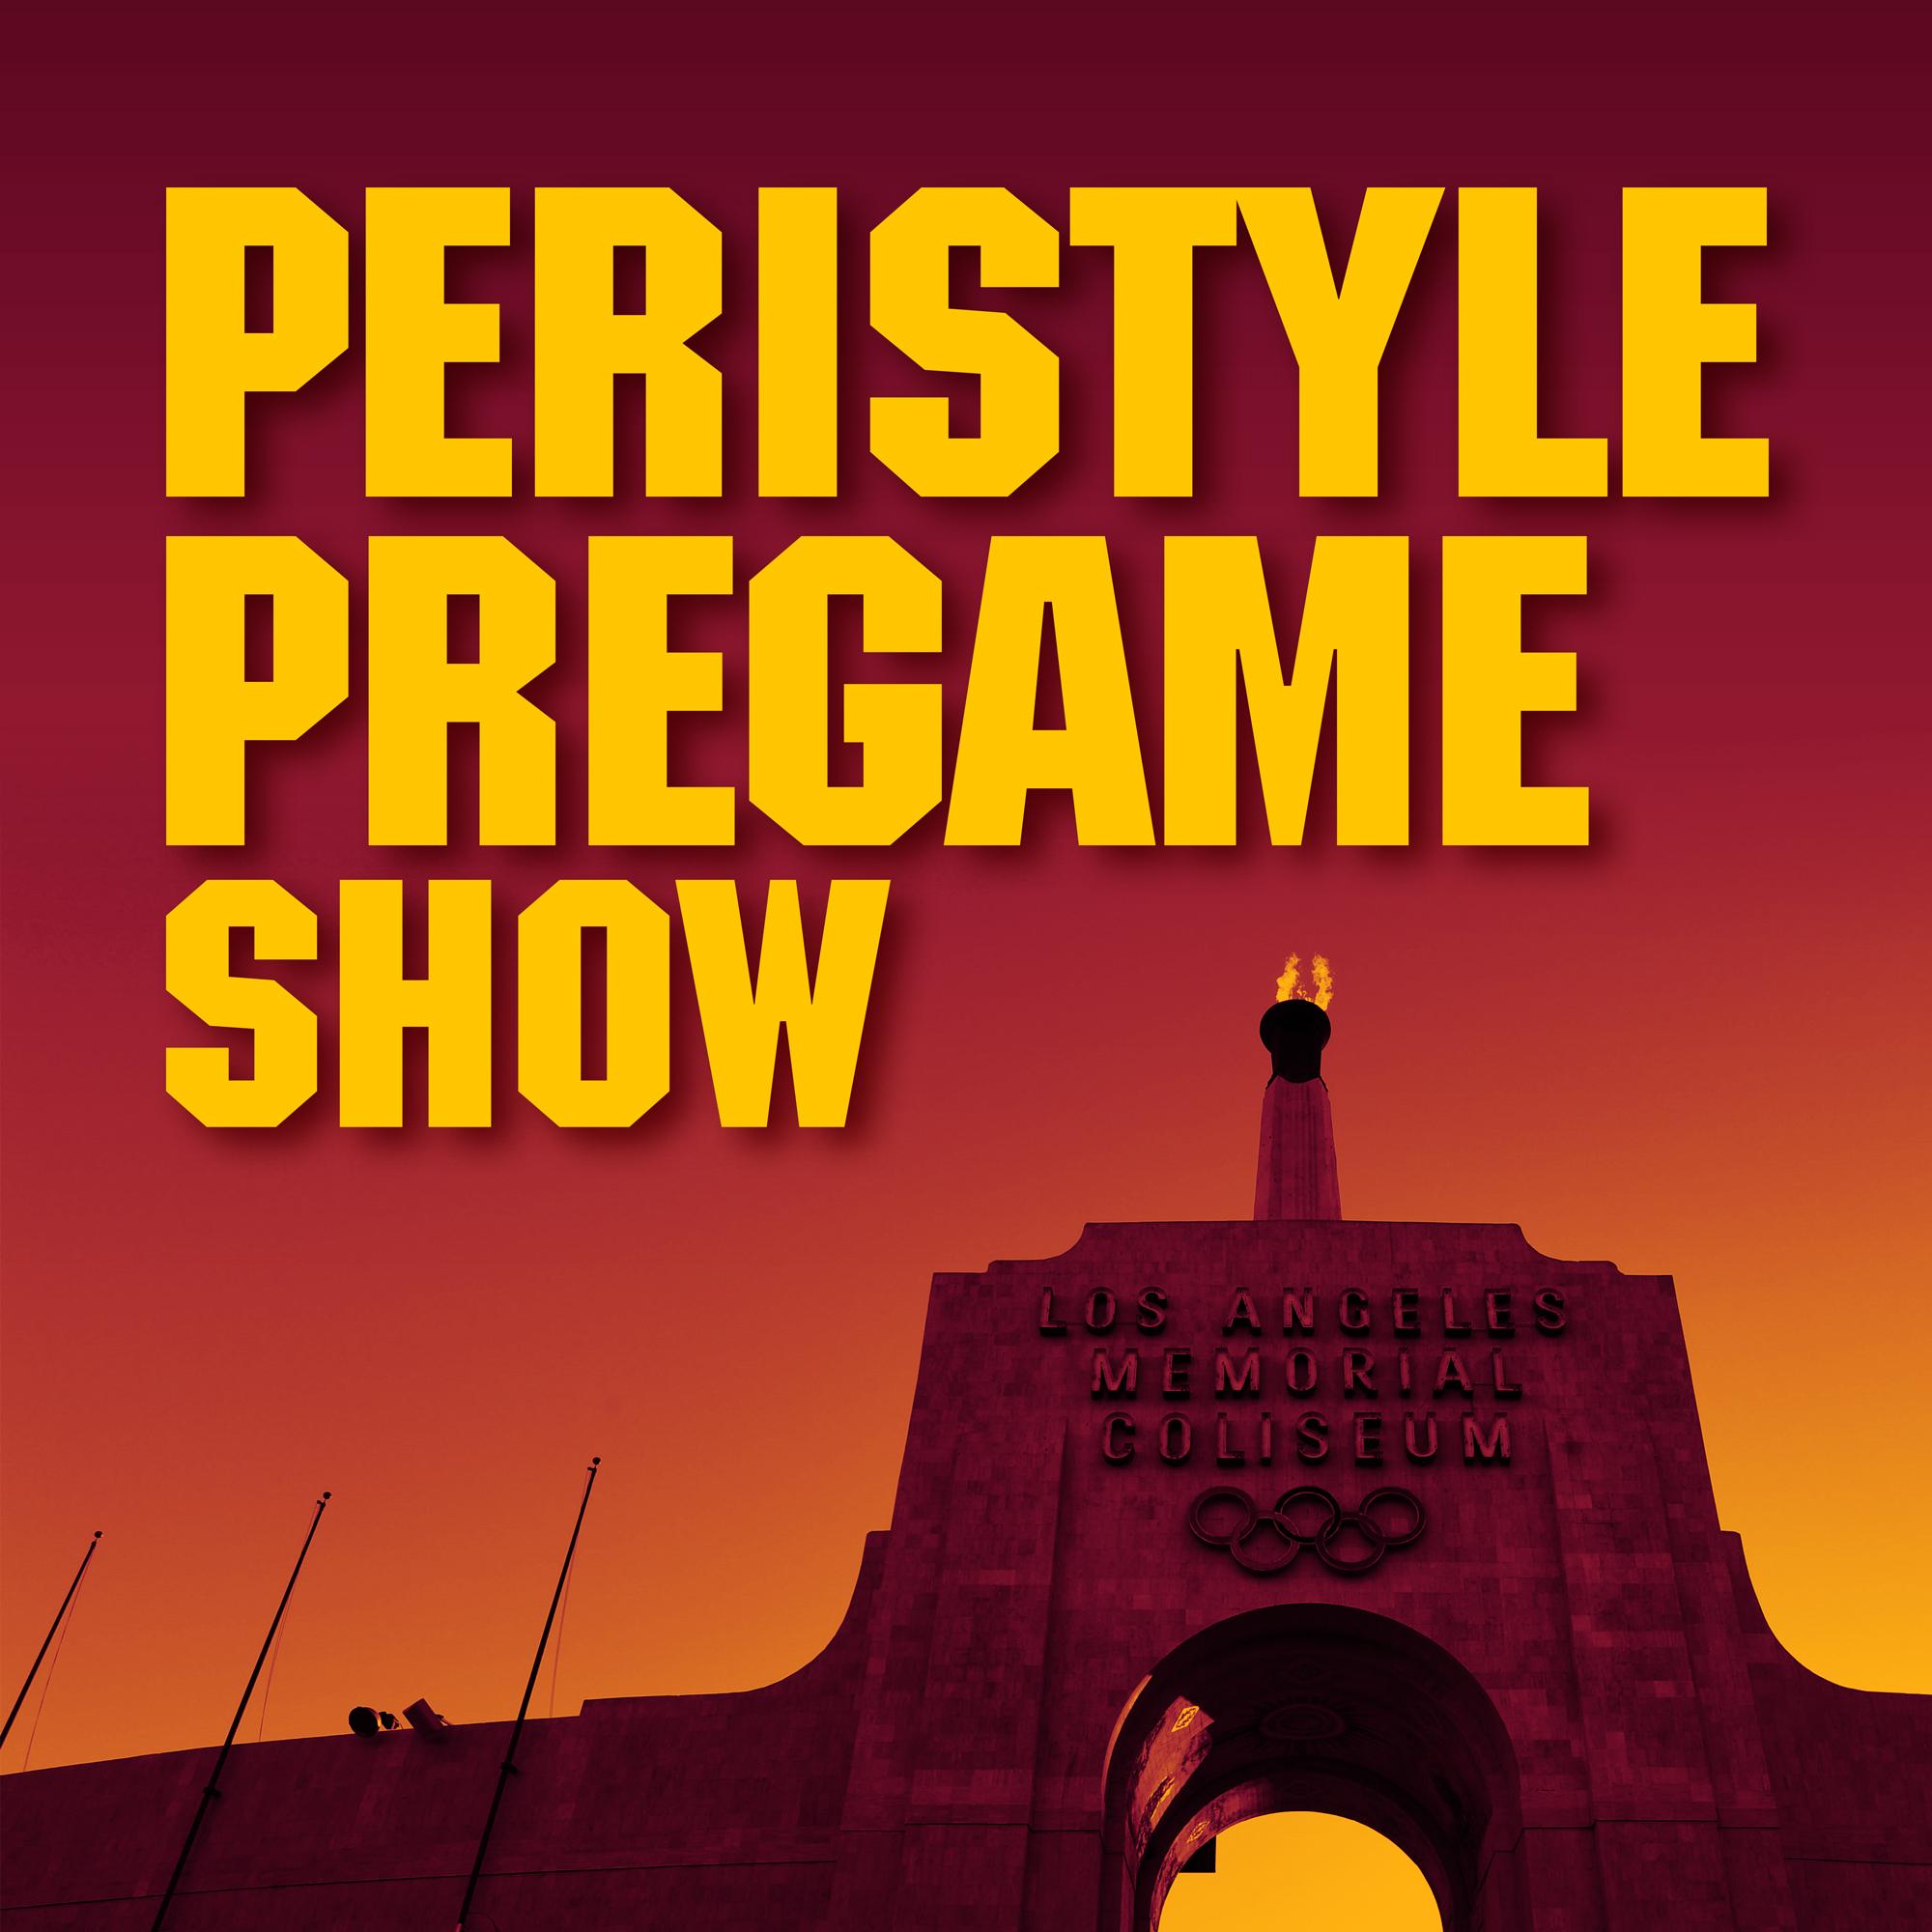 Peristyle Pregame Show - USC vs. Oregon